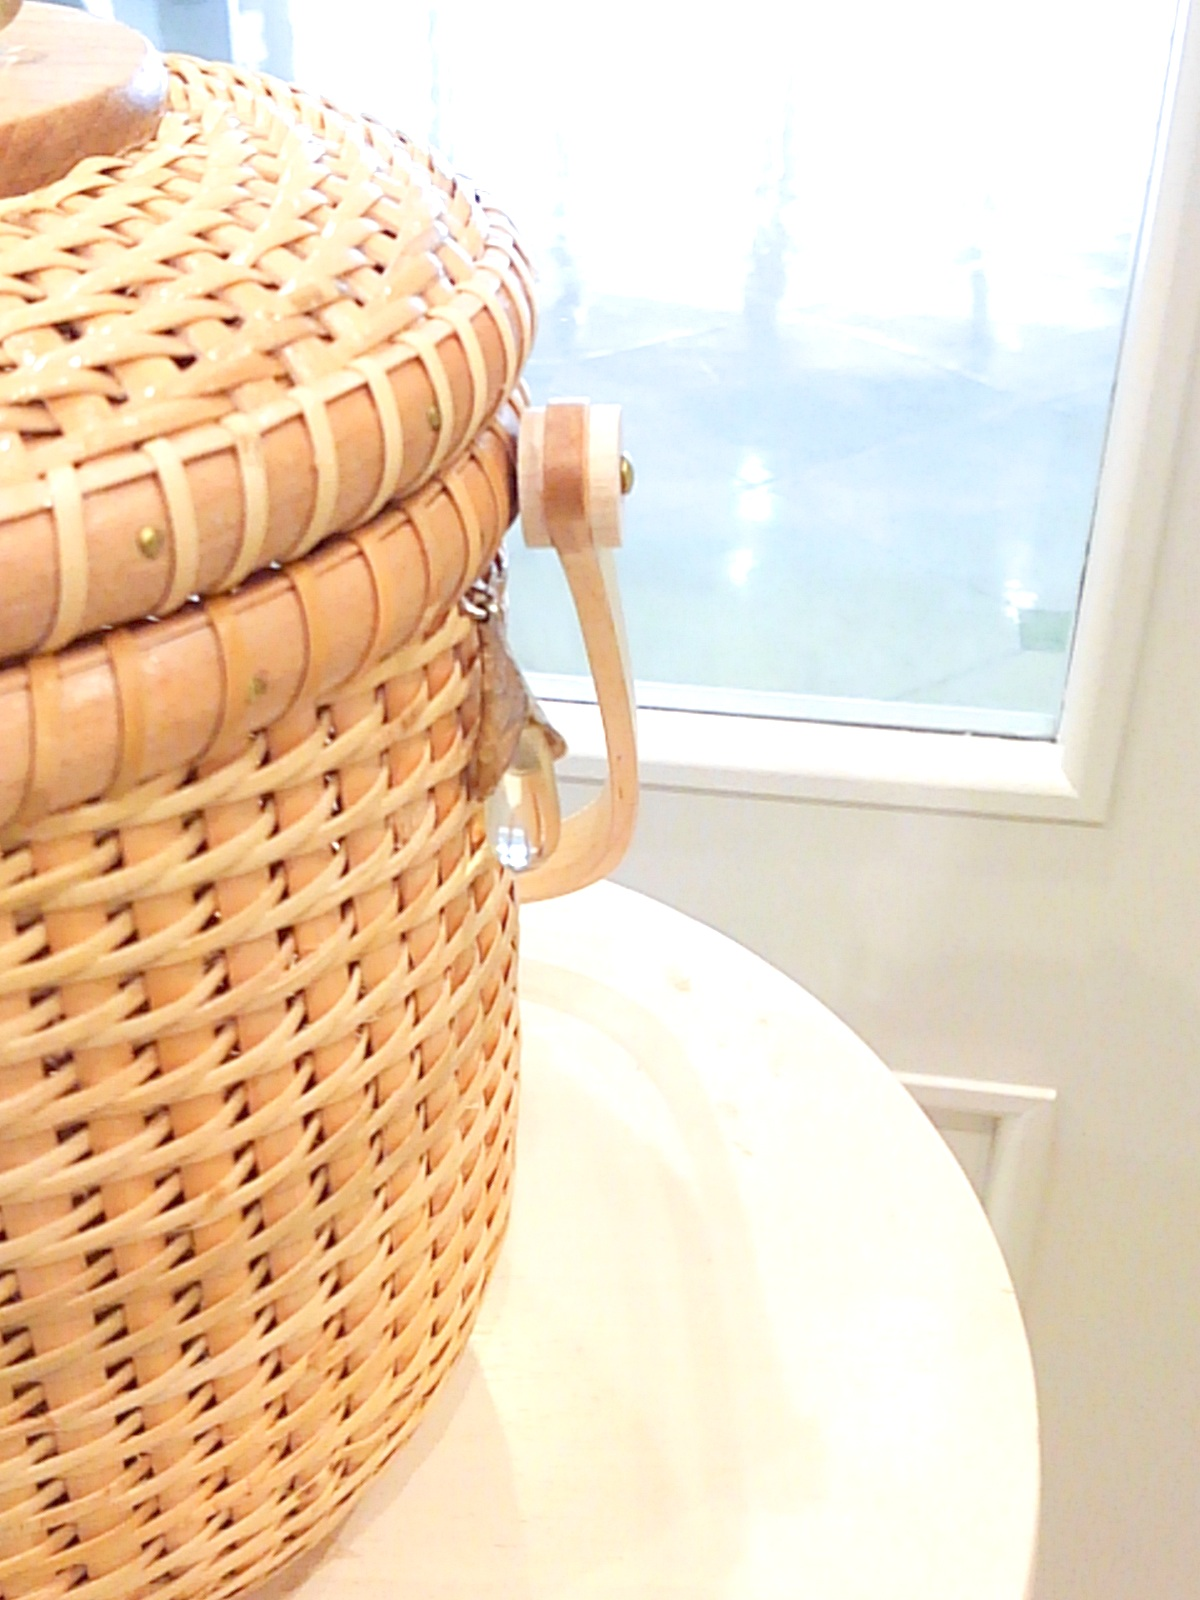 ナンタケットバスケット教室芦屋ドゥブリアン